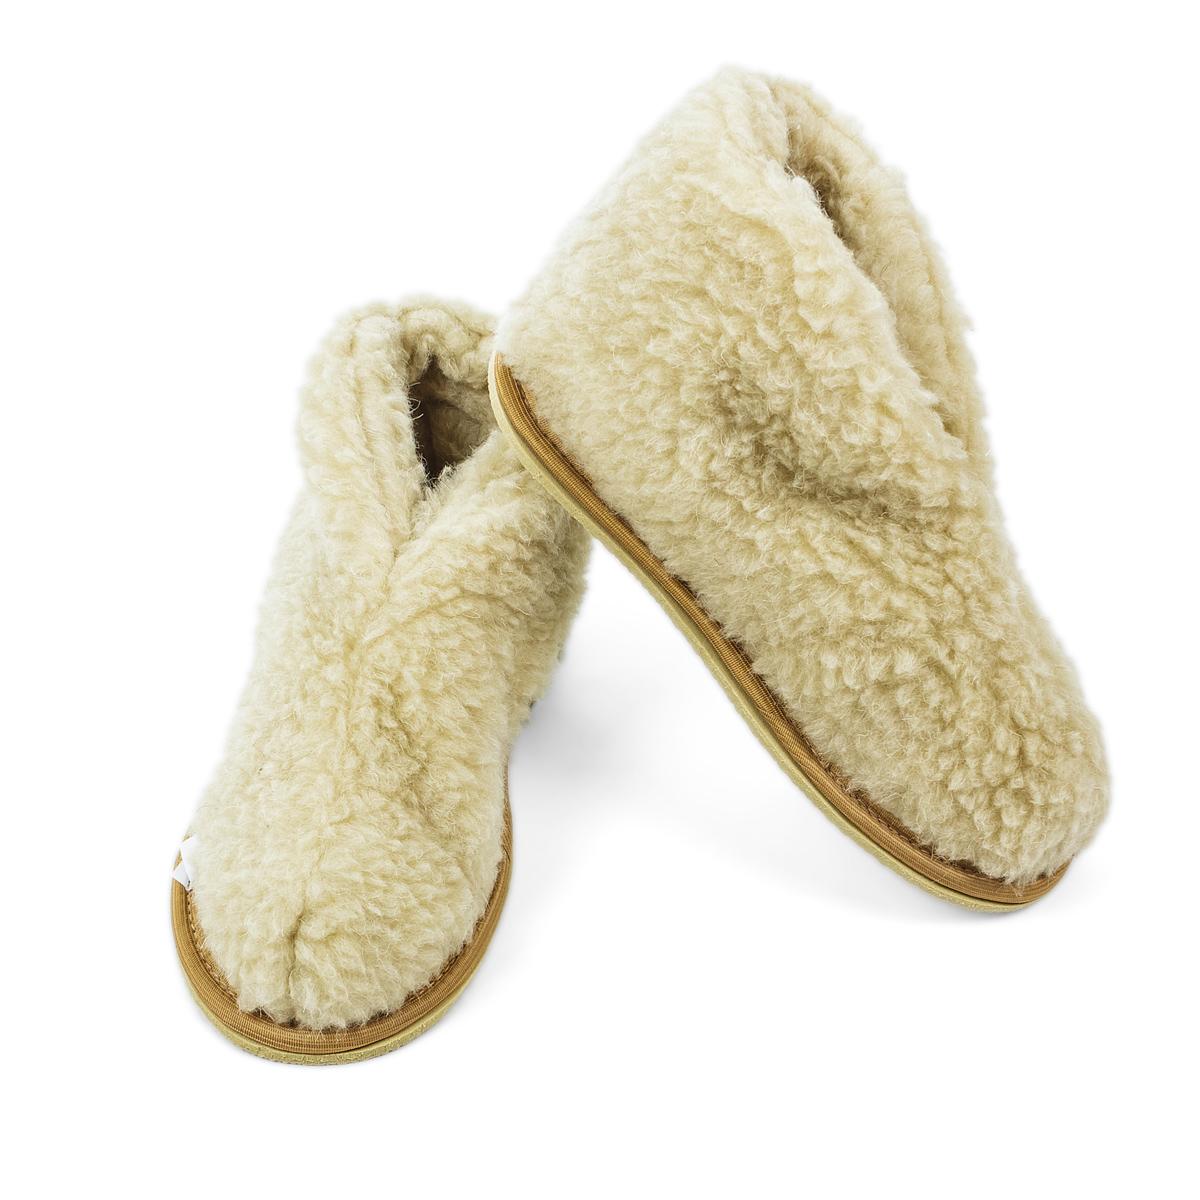 Обувь Бабуши Уют Бежевый р. 35Согревающий<br><br><br>Тип: Обувь<br>Размер: 35<br>Материал: Овечья шерсть